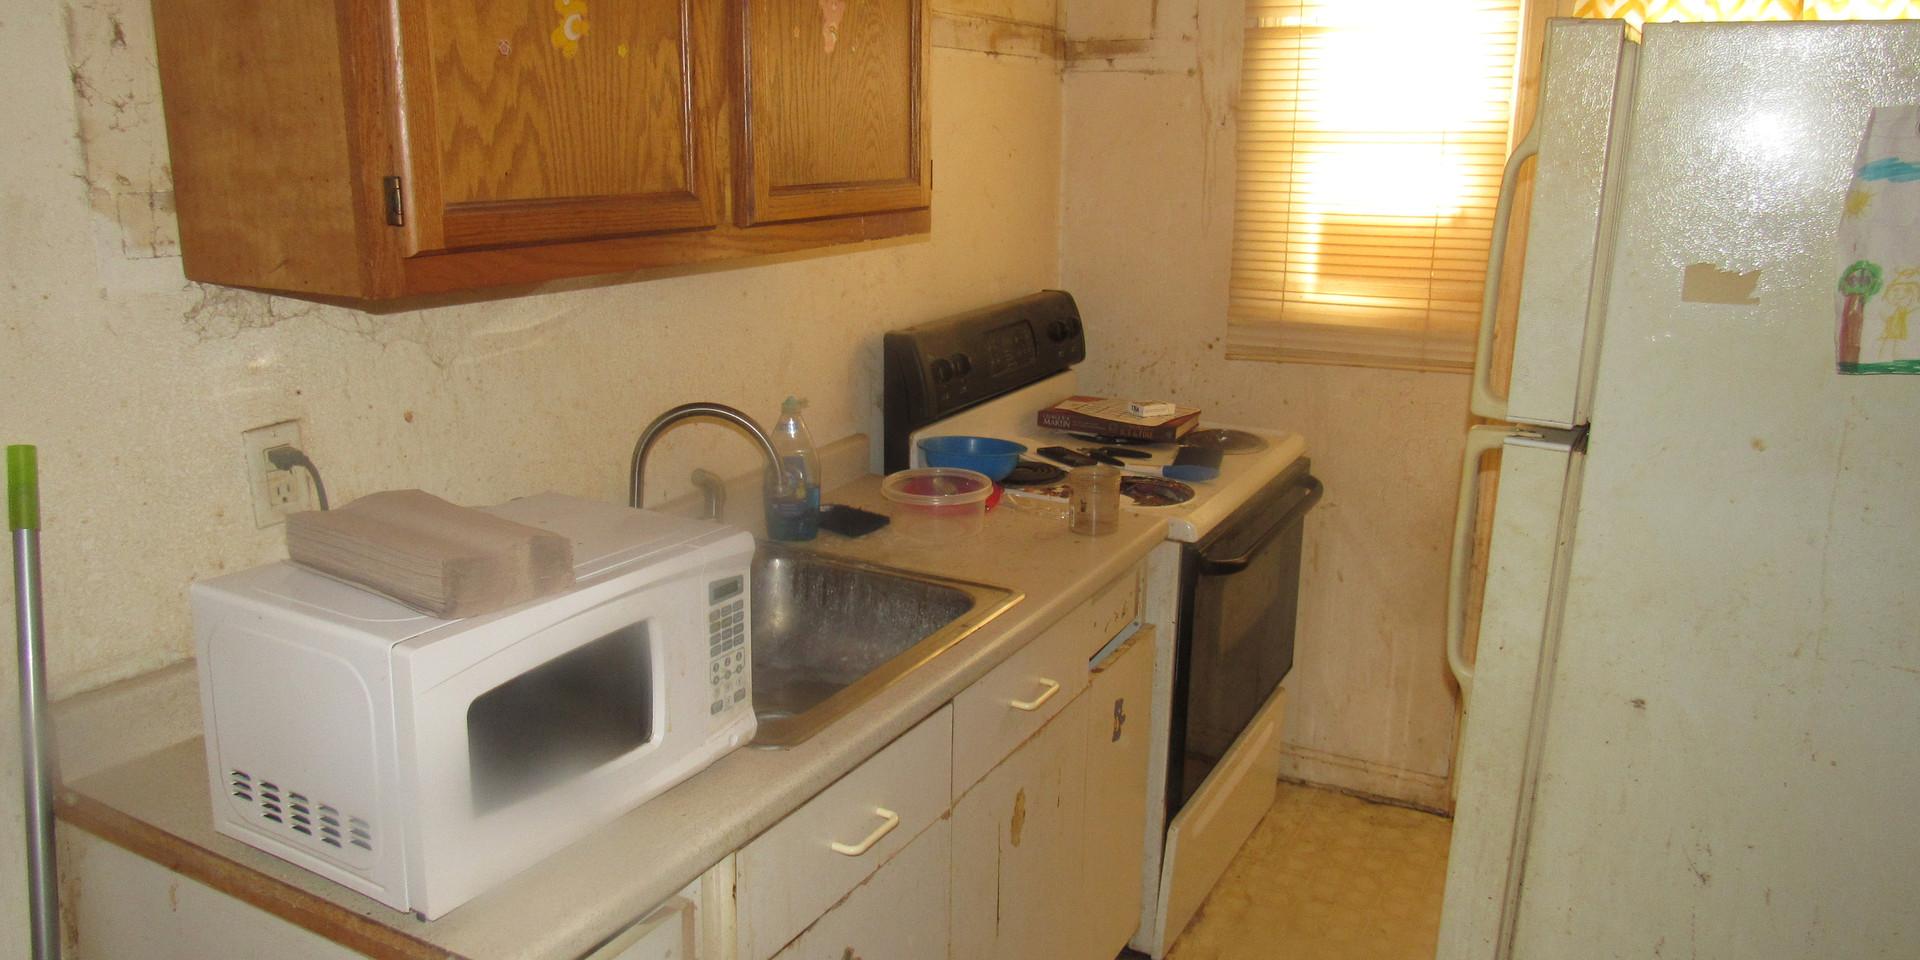 04B Kitchen 20B.JPG